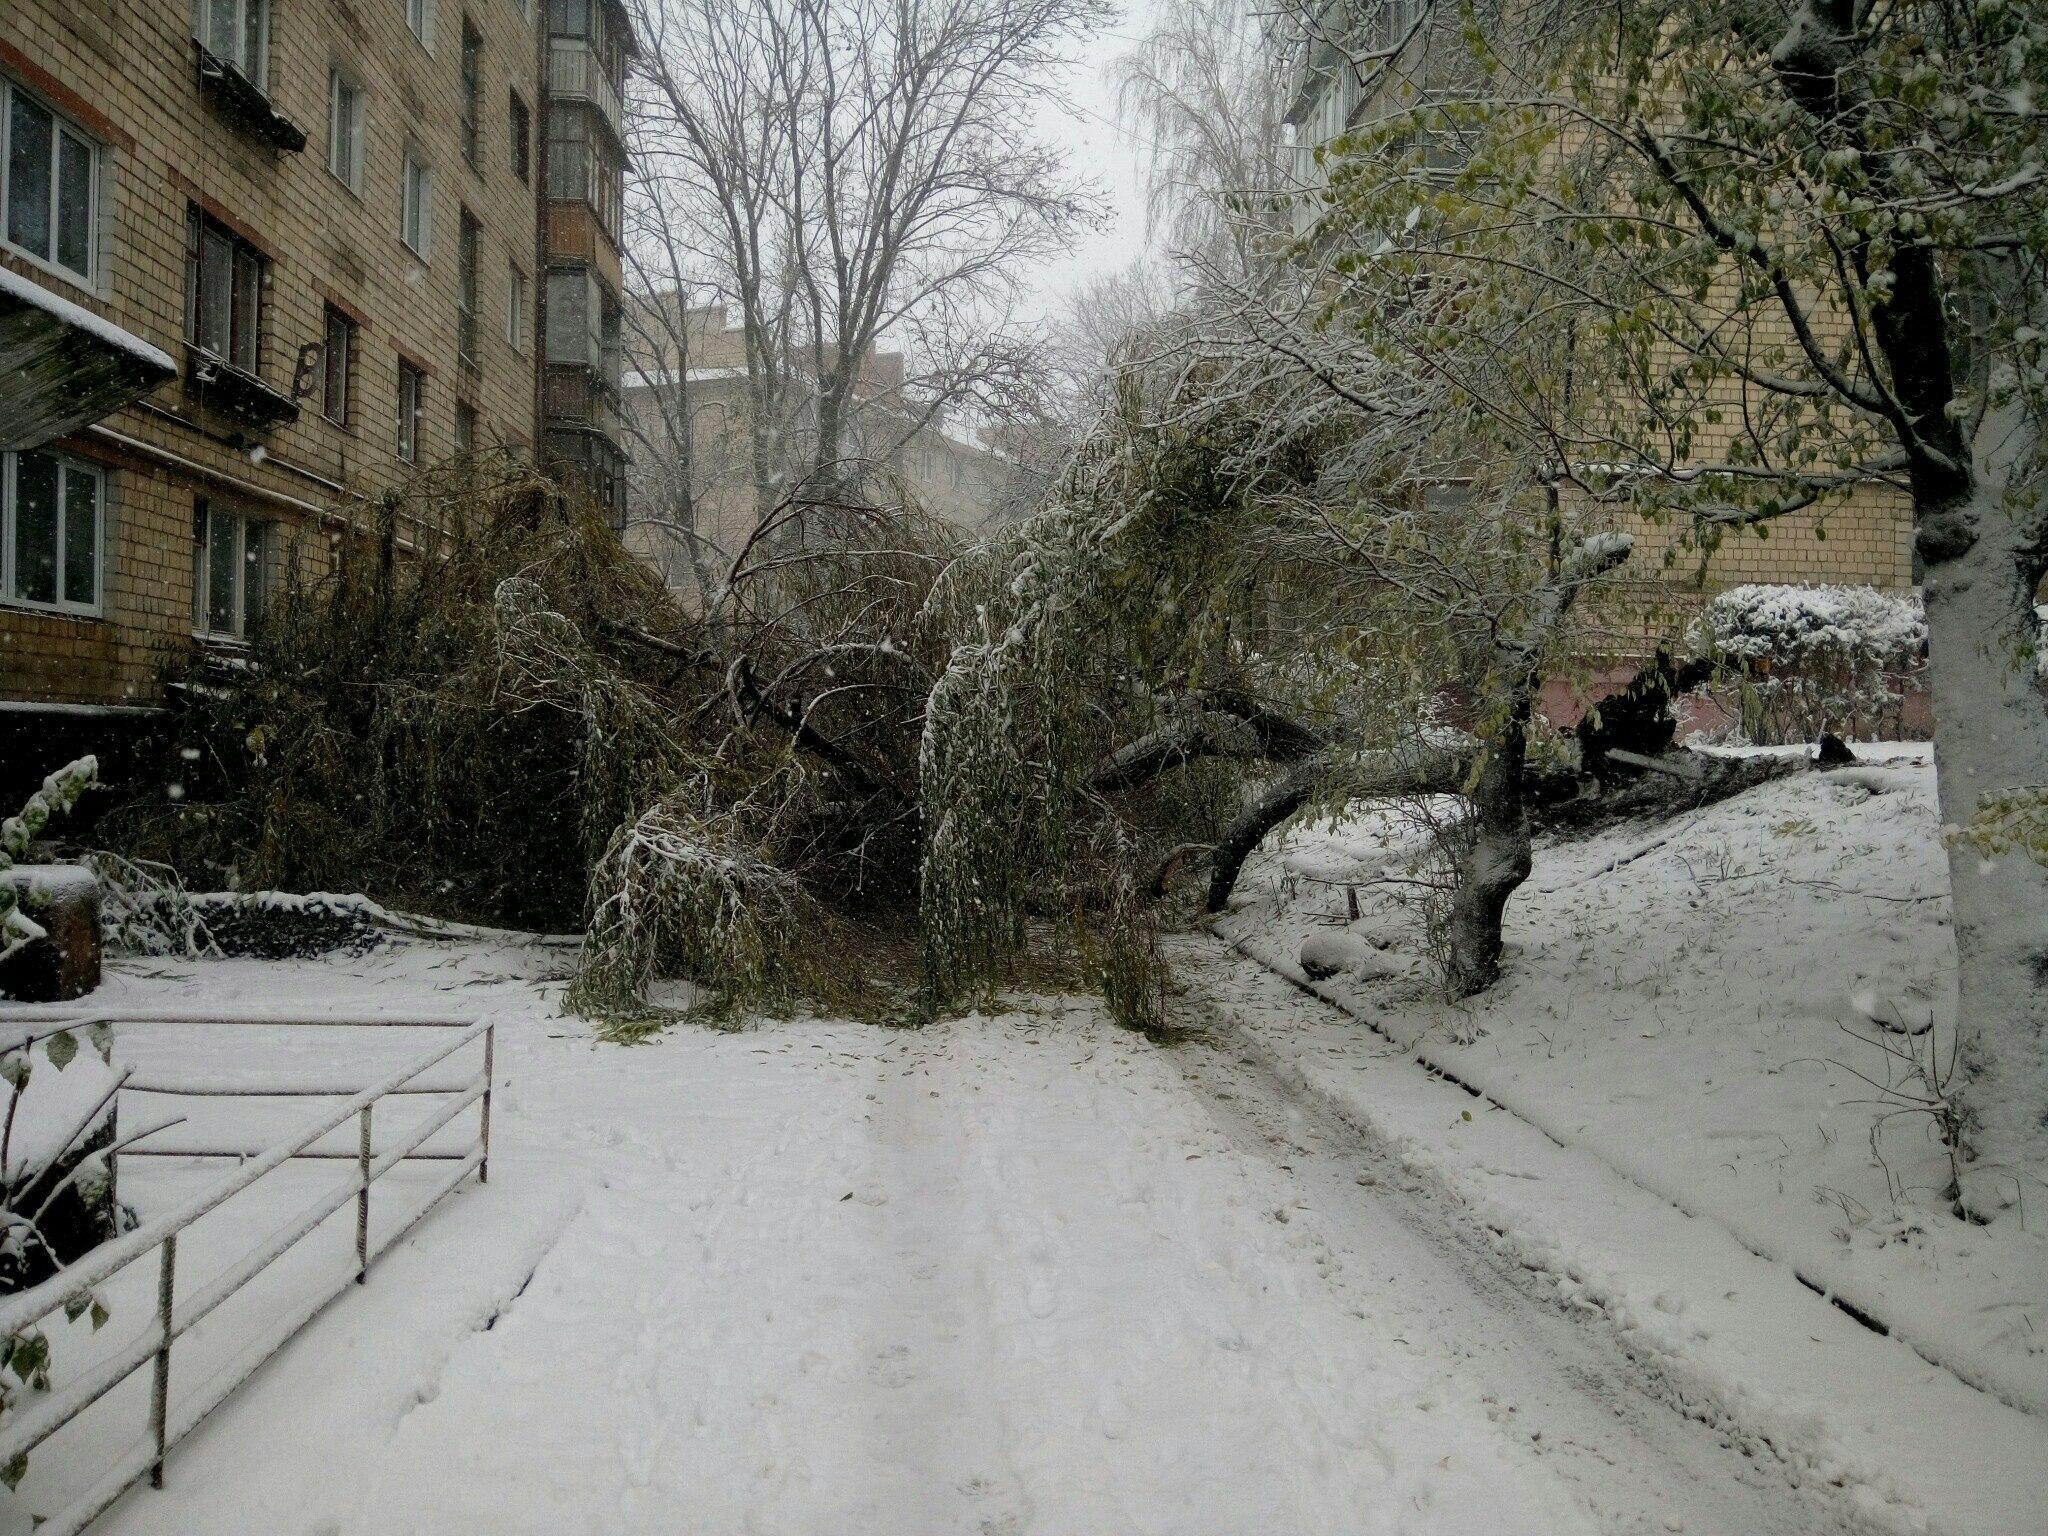 Снегопад в Украине: спасатели вытаскивают автомобили из снежных заносов и расчищают трассы, заваленные сломанными деревьями - Цензор.НЕТ 9447